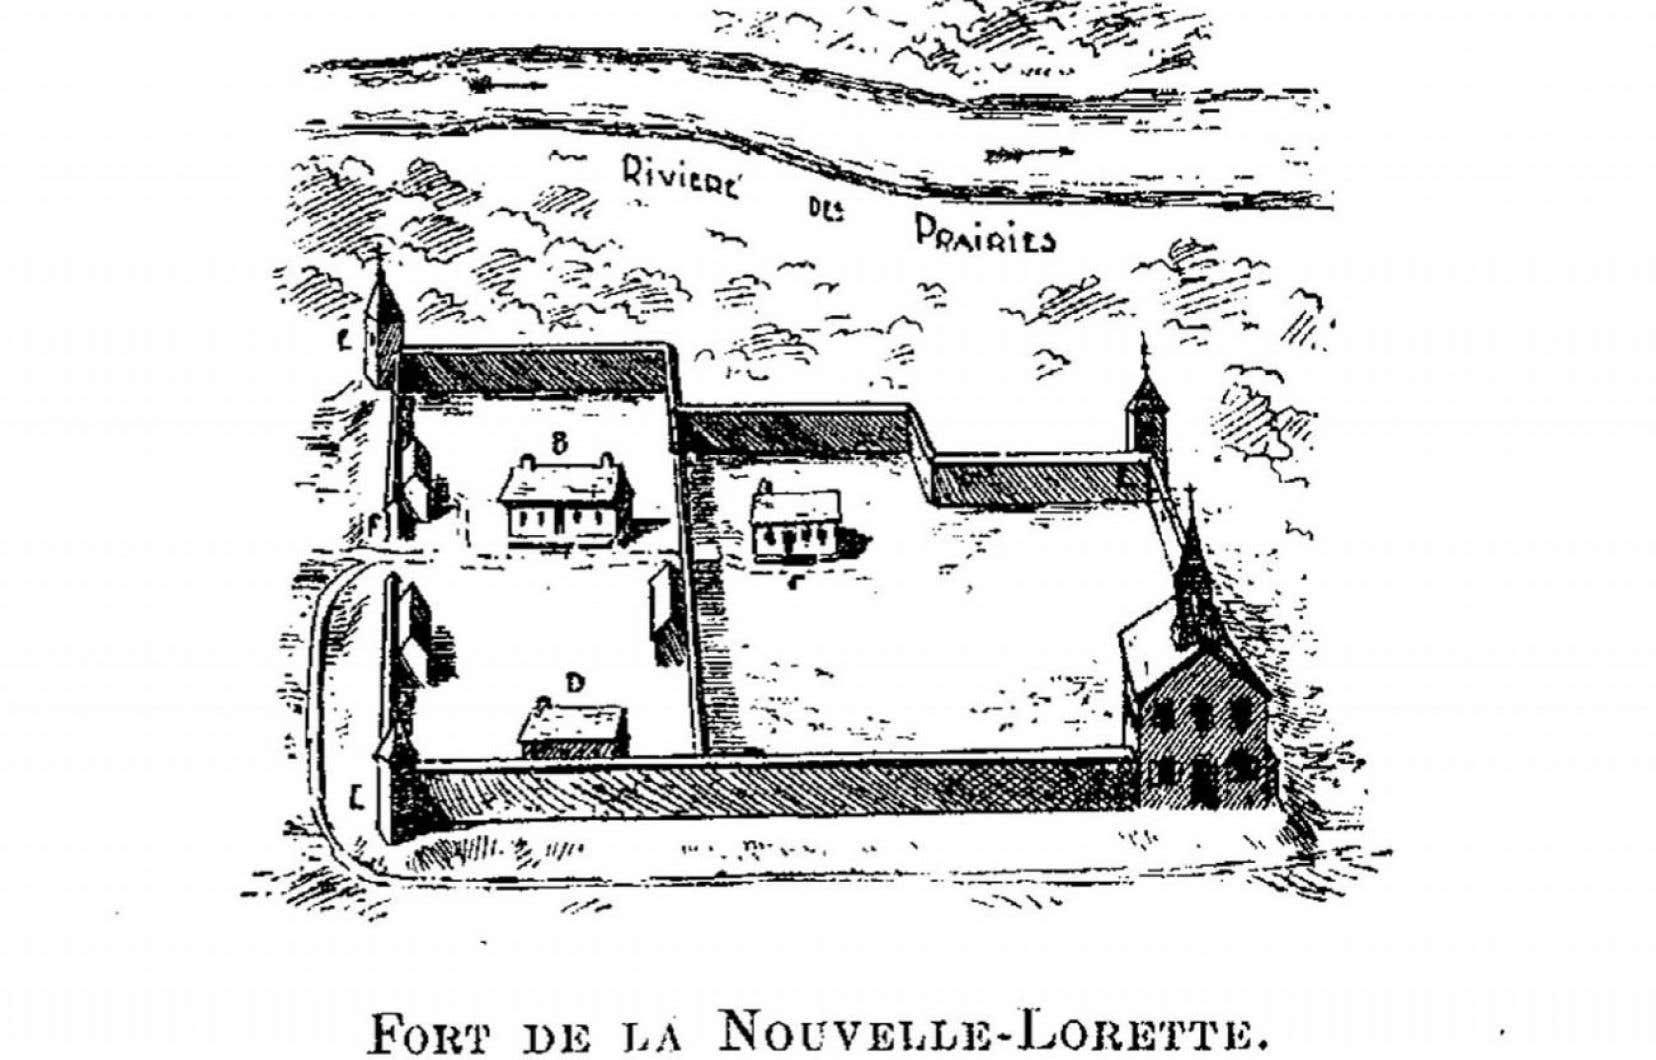 Dessin du fort de la Nouvelle-Lorette, réalisé par Charles Beaubien. On ignorait jusqu'à tout récemment où se trouvait avec précision ce fort important dans l'histoire de Montréal.